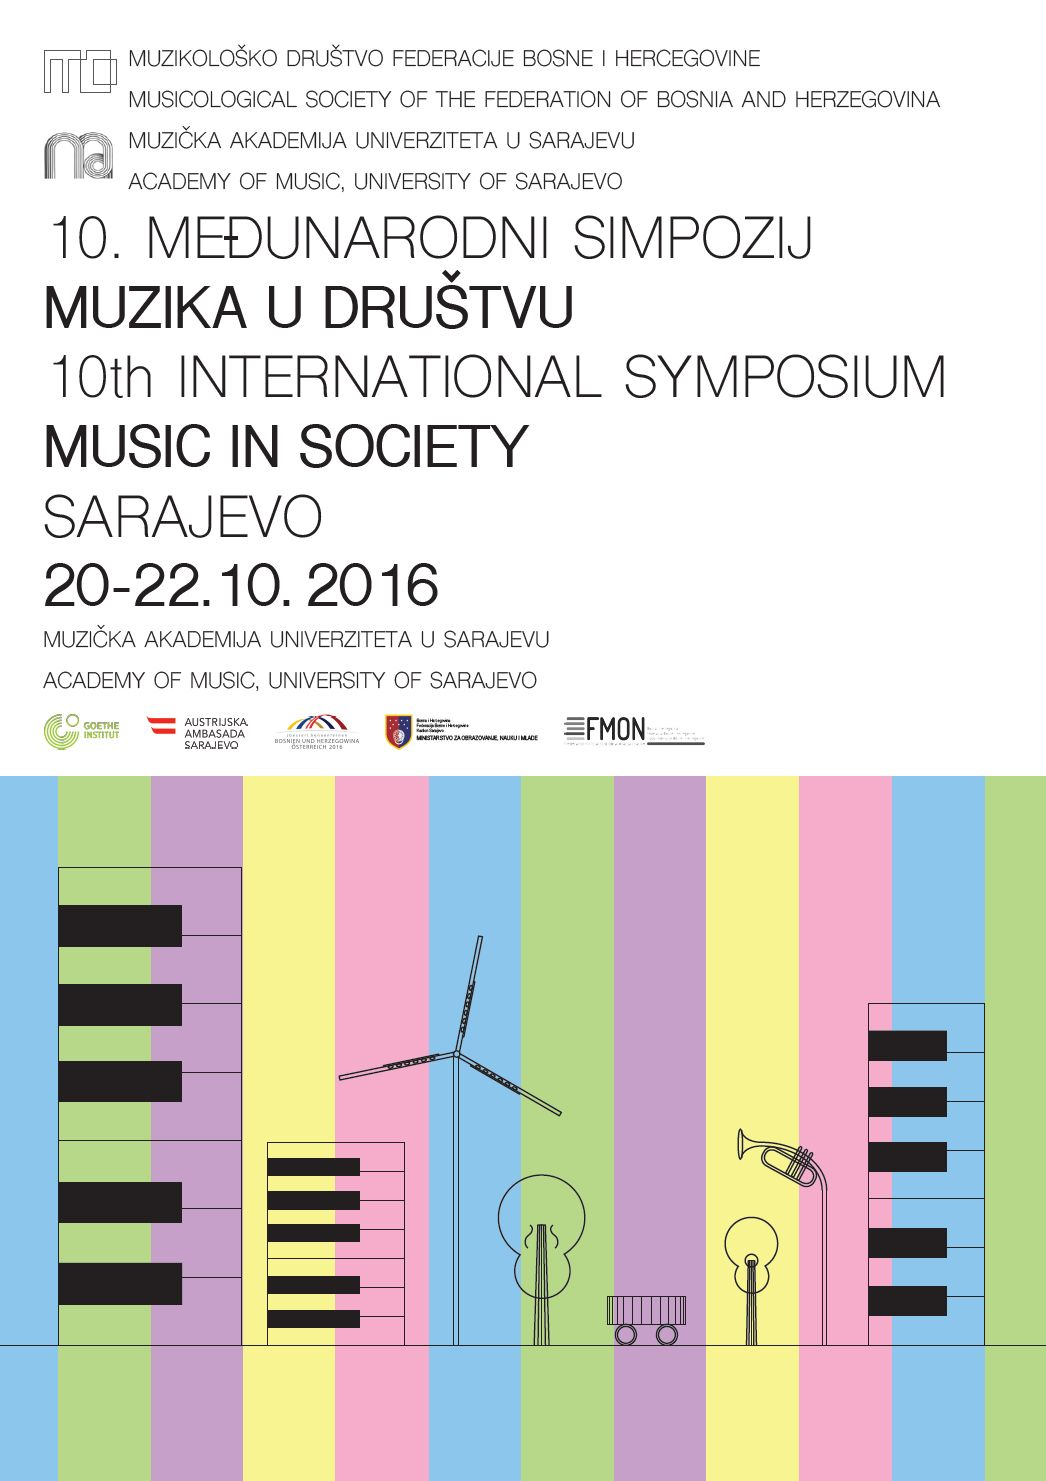 plakat muzika u društvu 2016